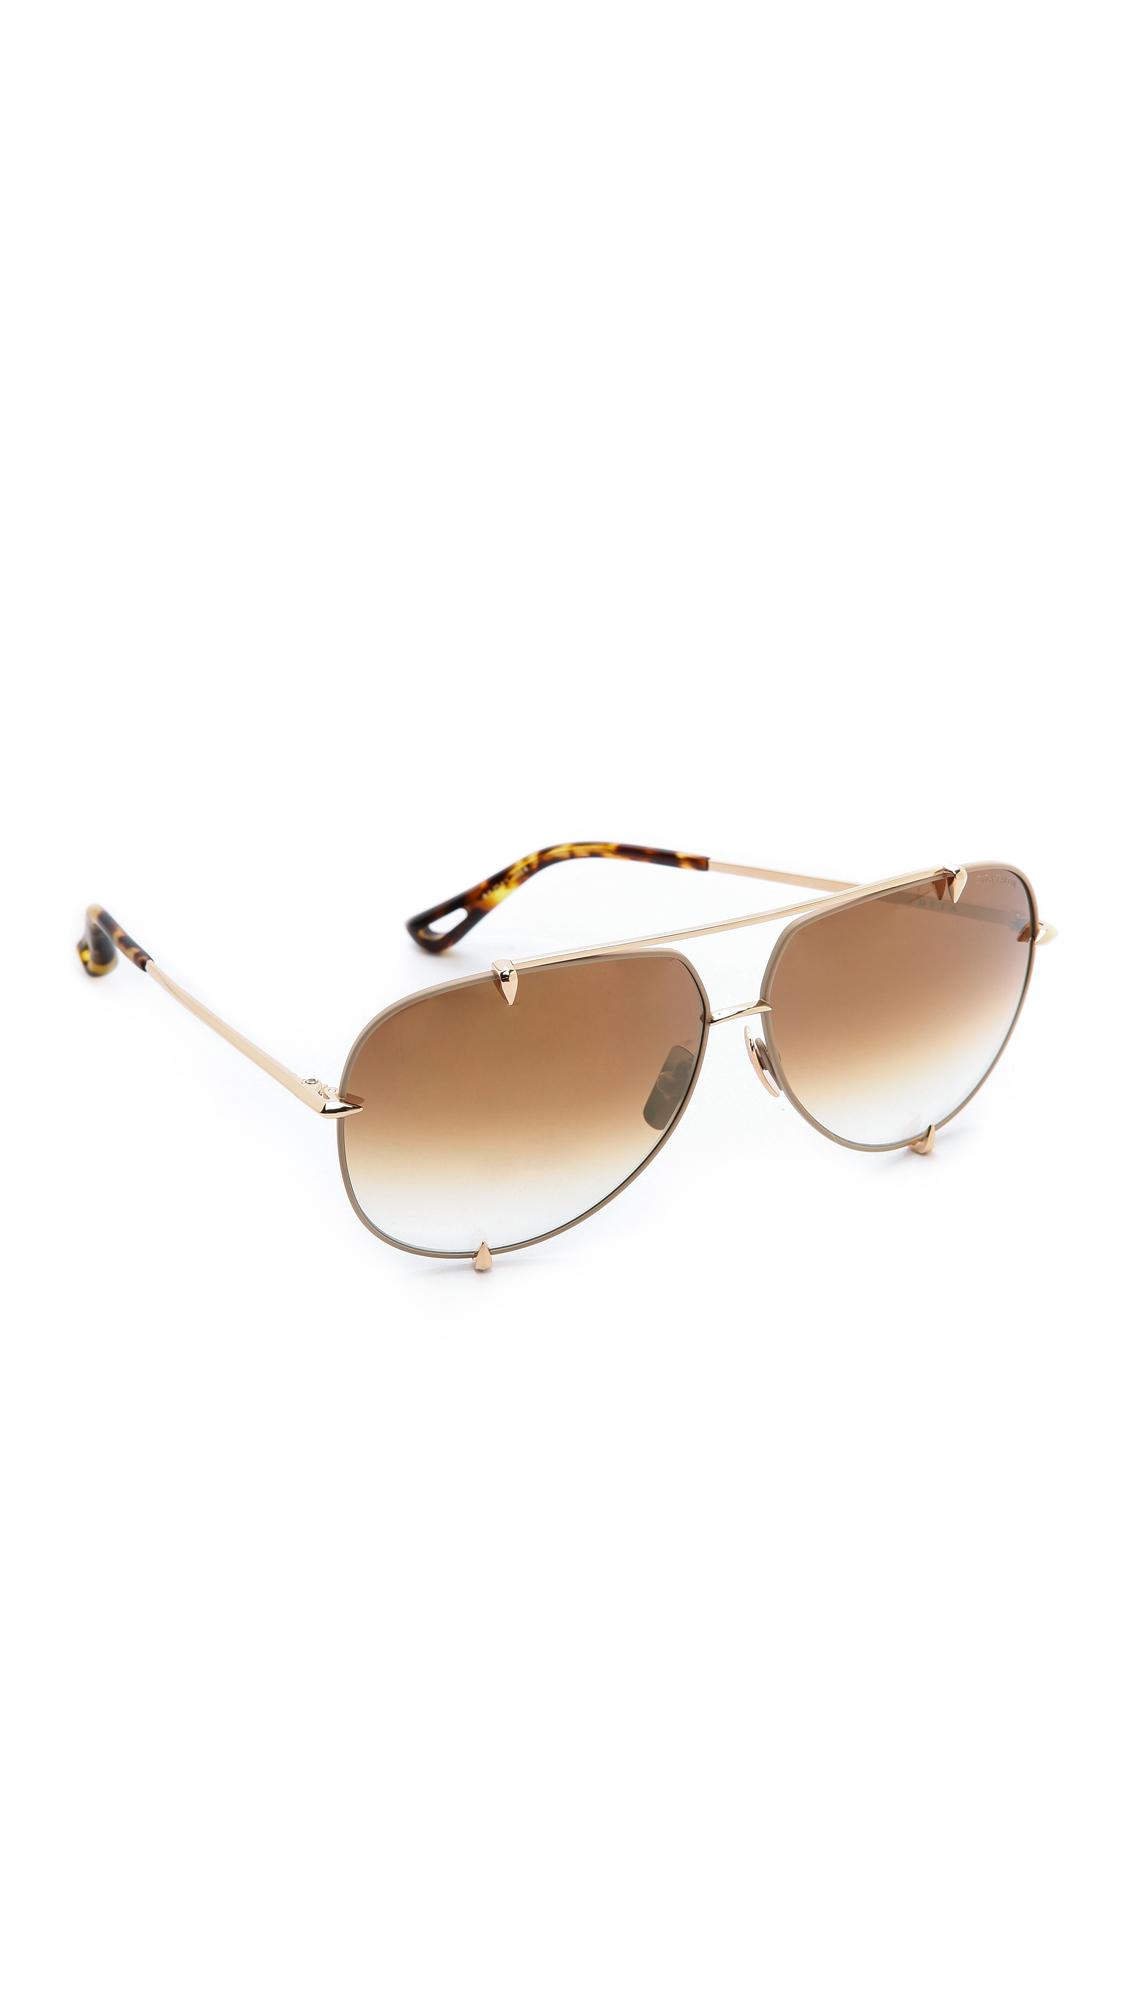 c3decfc7434f Lyst - DITA Talon Sunglasses - Satin Tan Gold Brown To Clear in Metallic